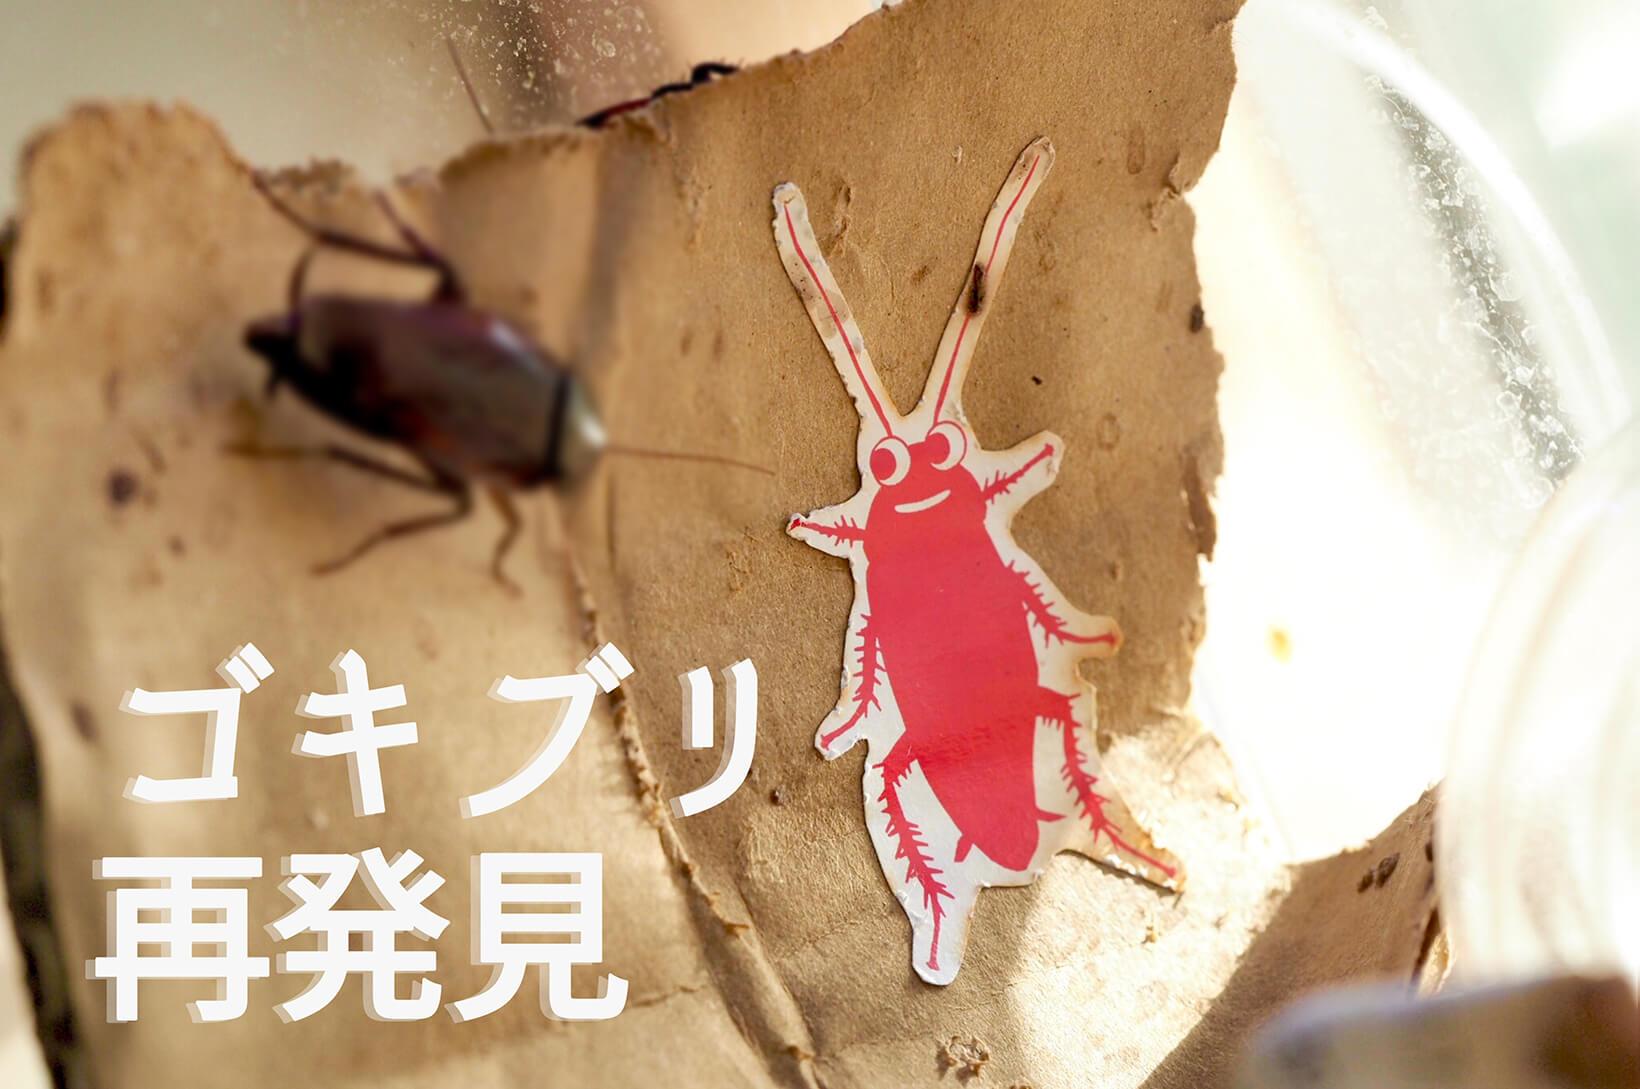 ゴキブリのイラストとゴキブリ